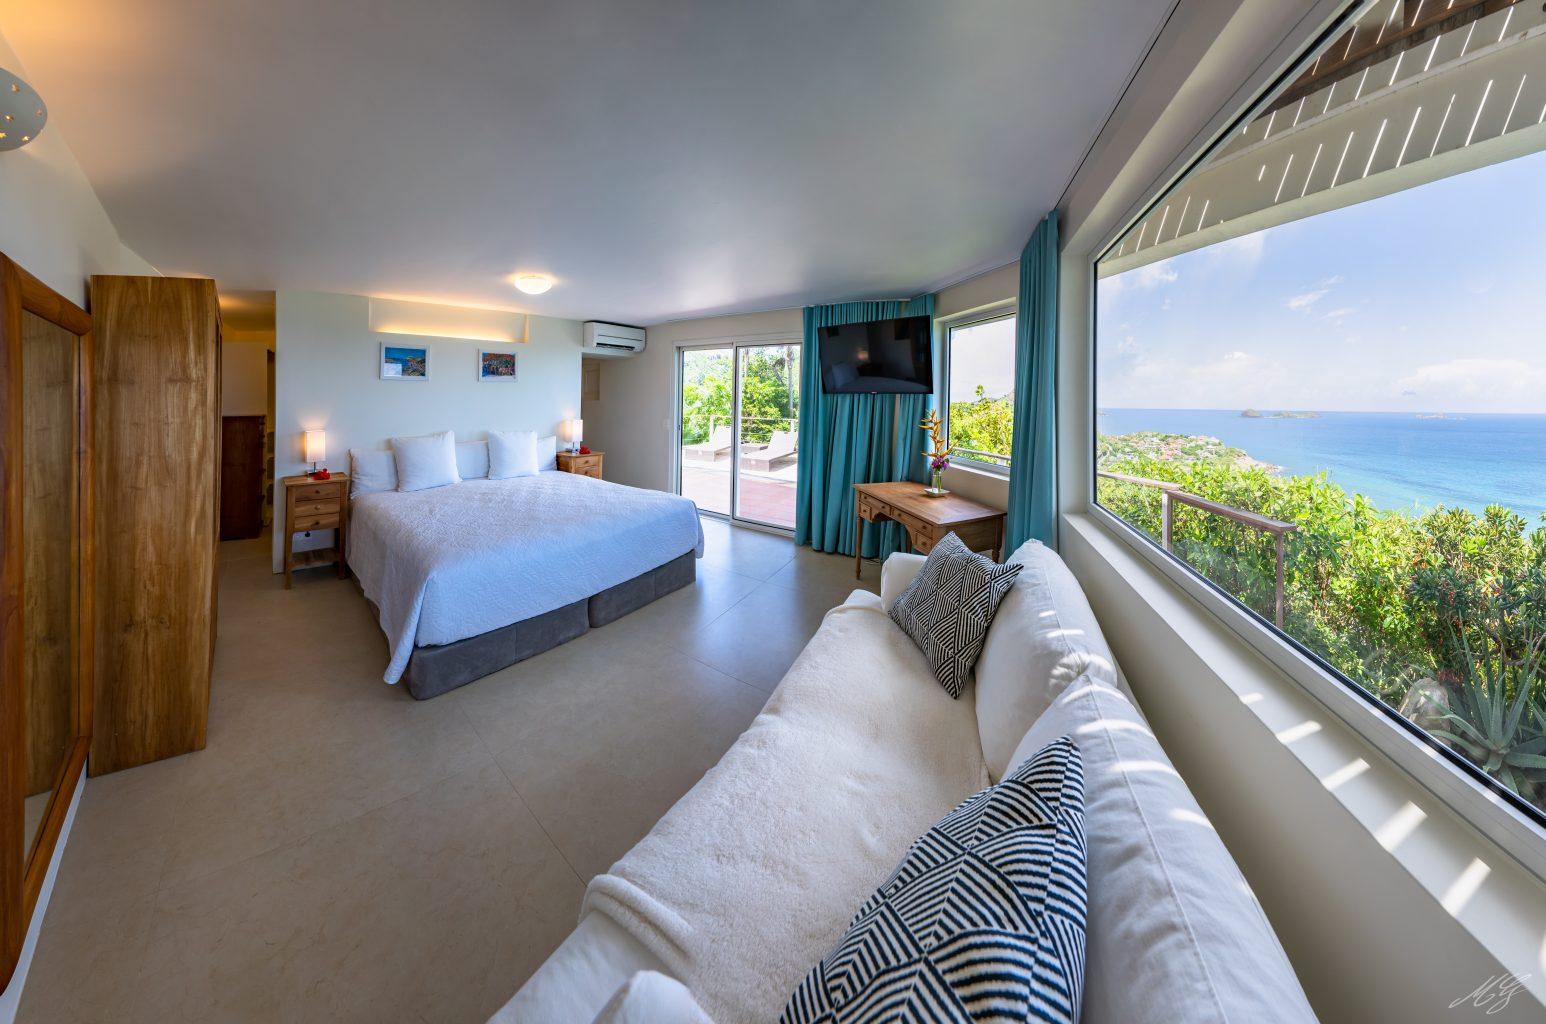 Villa Gaillac - Creole Villa Rental St Barth Sea View - Bedroom